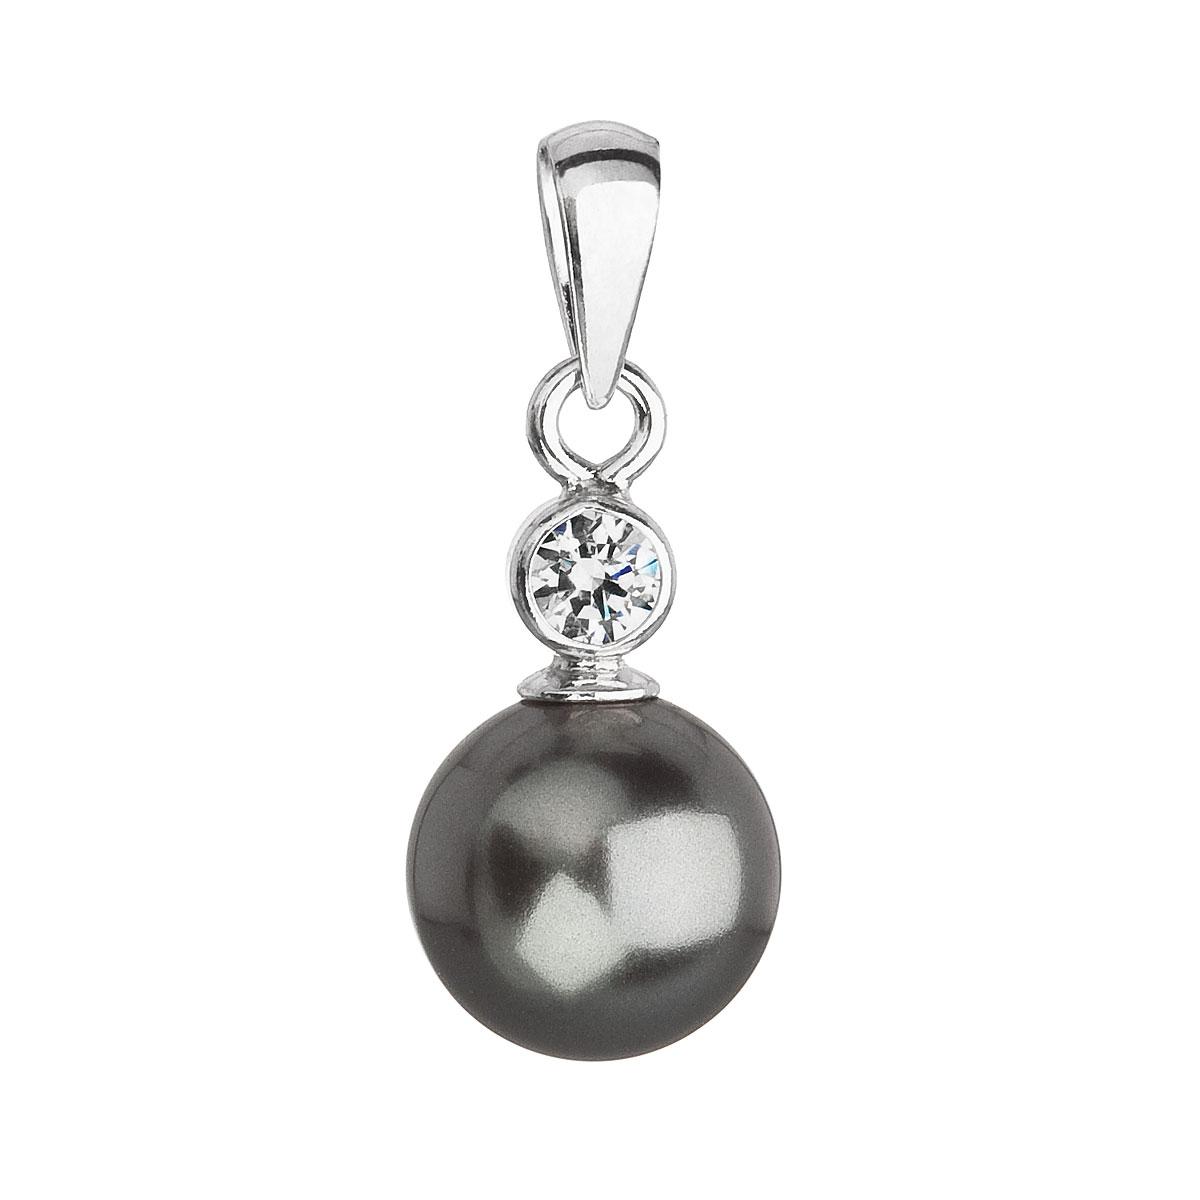 Evolution Group Stříbrný přívěsek s krystalem Swarovski a šedou kulatou perlou 34201.3, dárkové balení